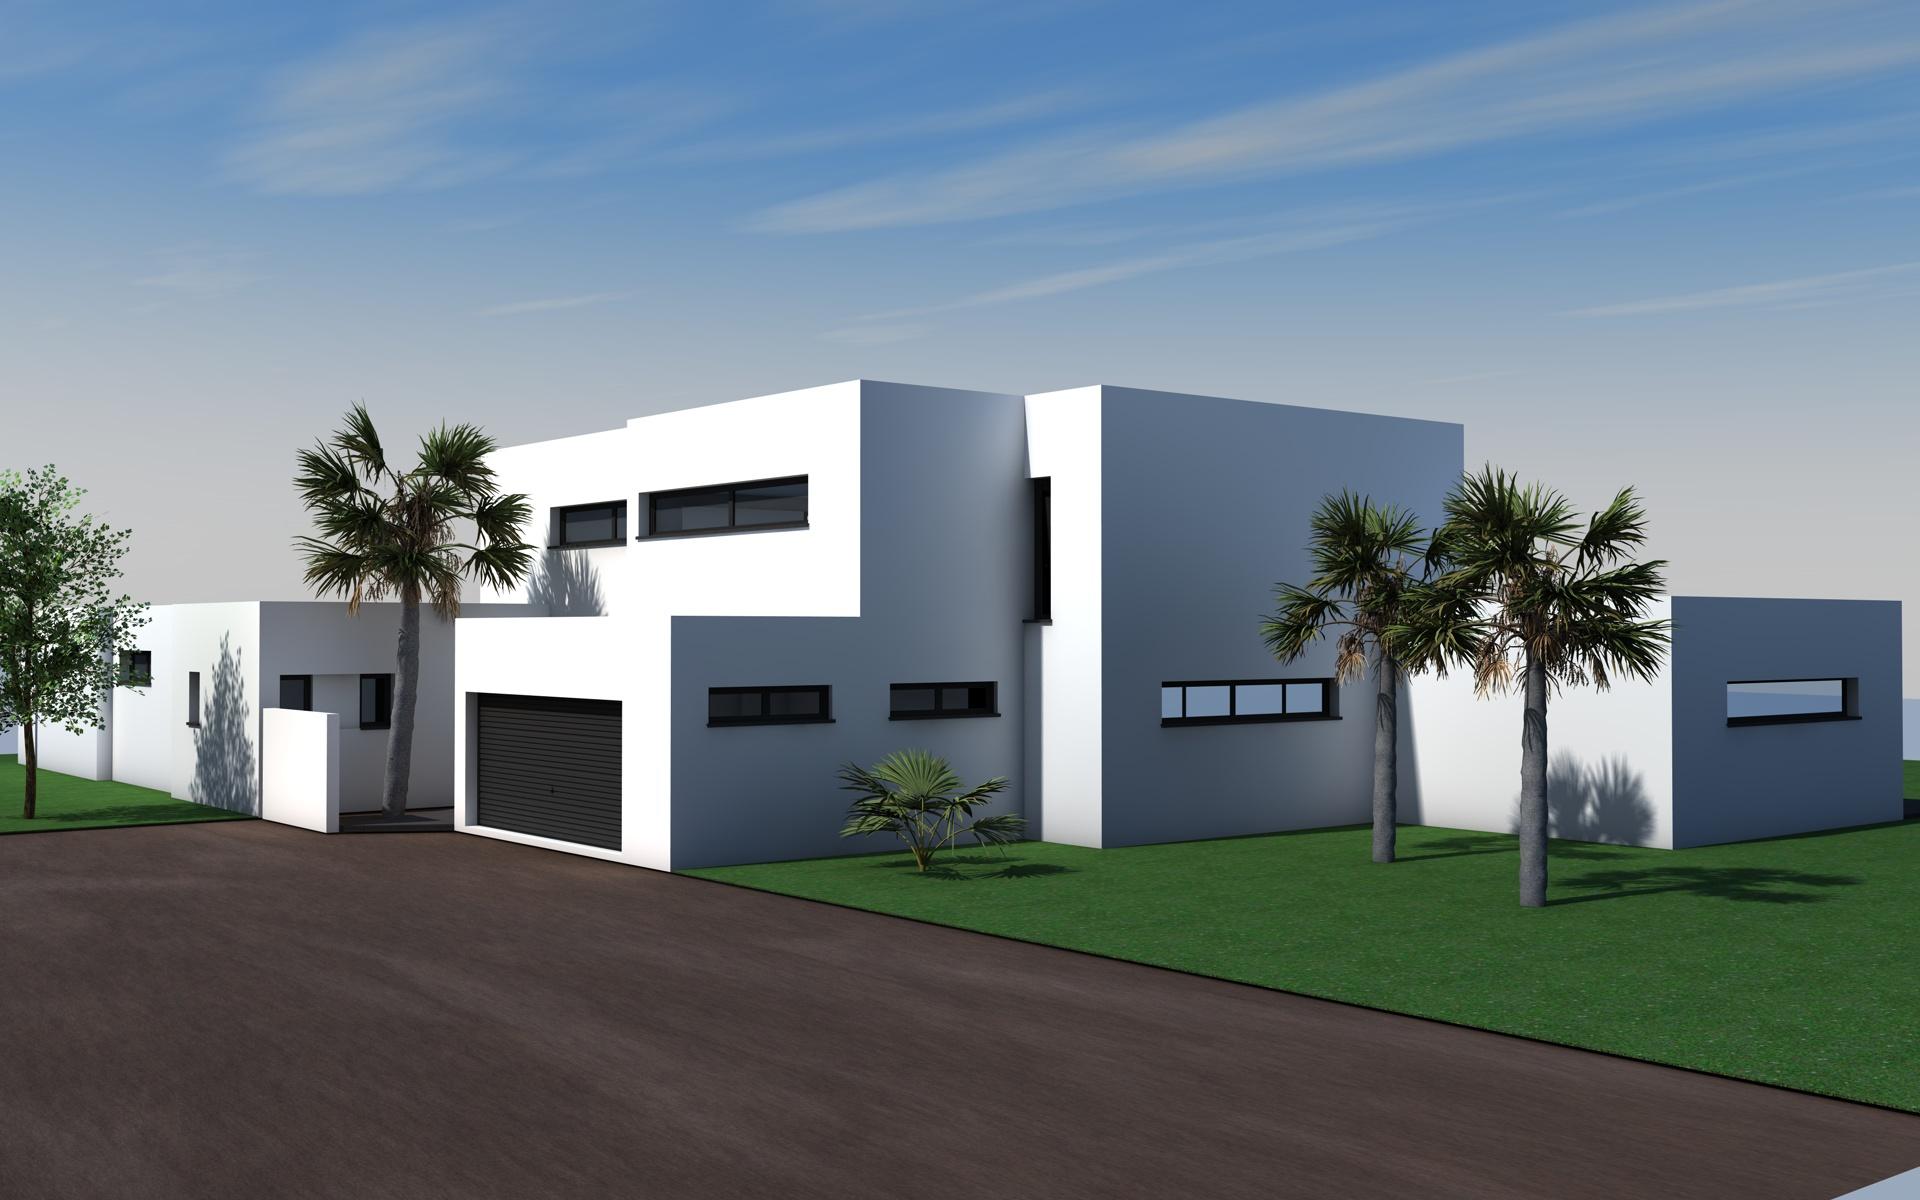 Constructeur maison individuelle contemporaine maison for Constructeur maison individuelle contemporaine